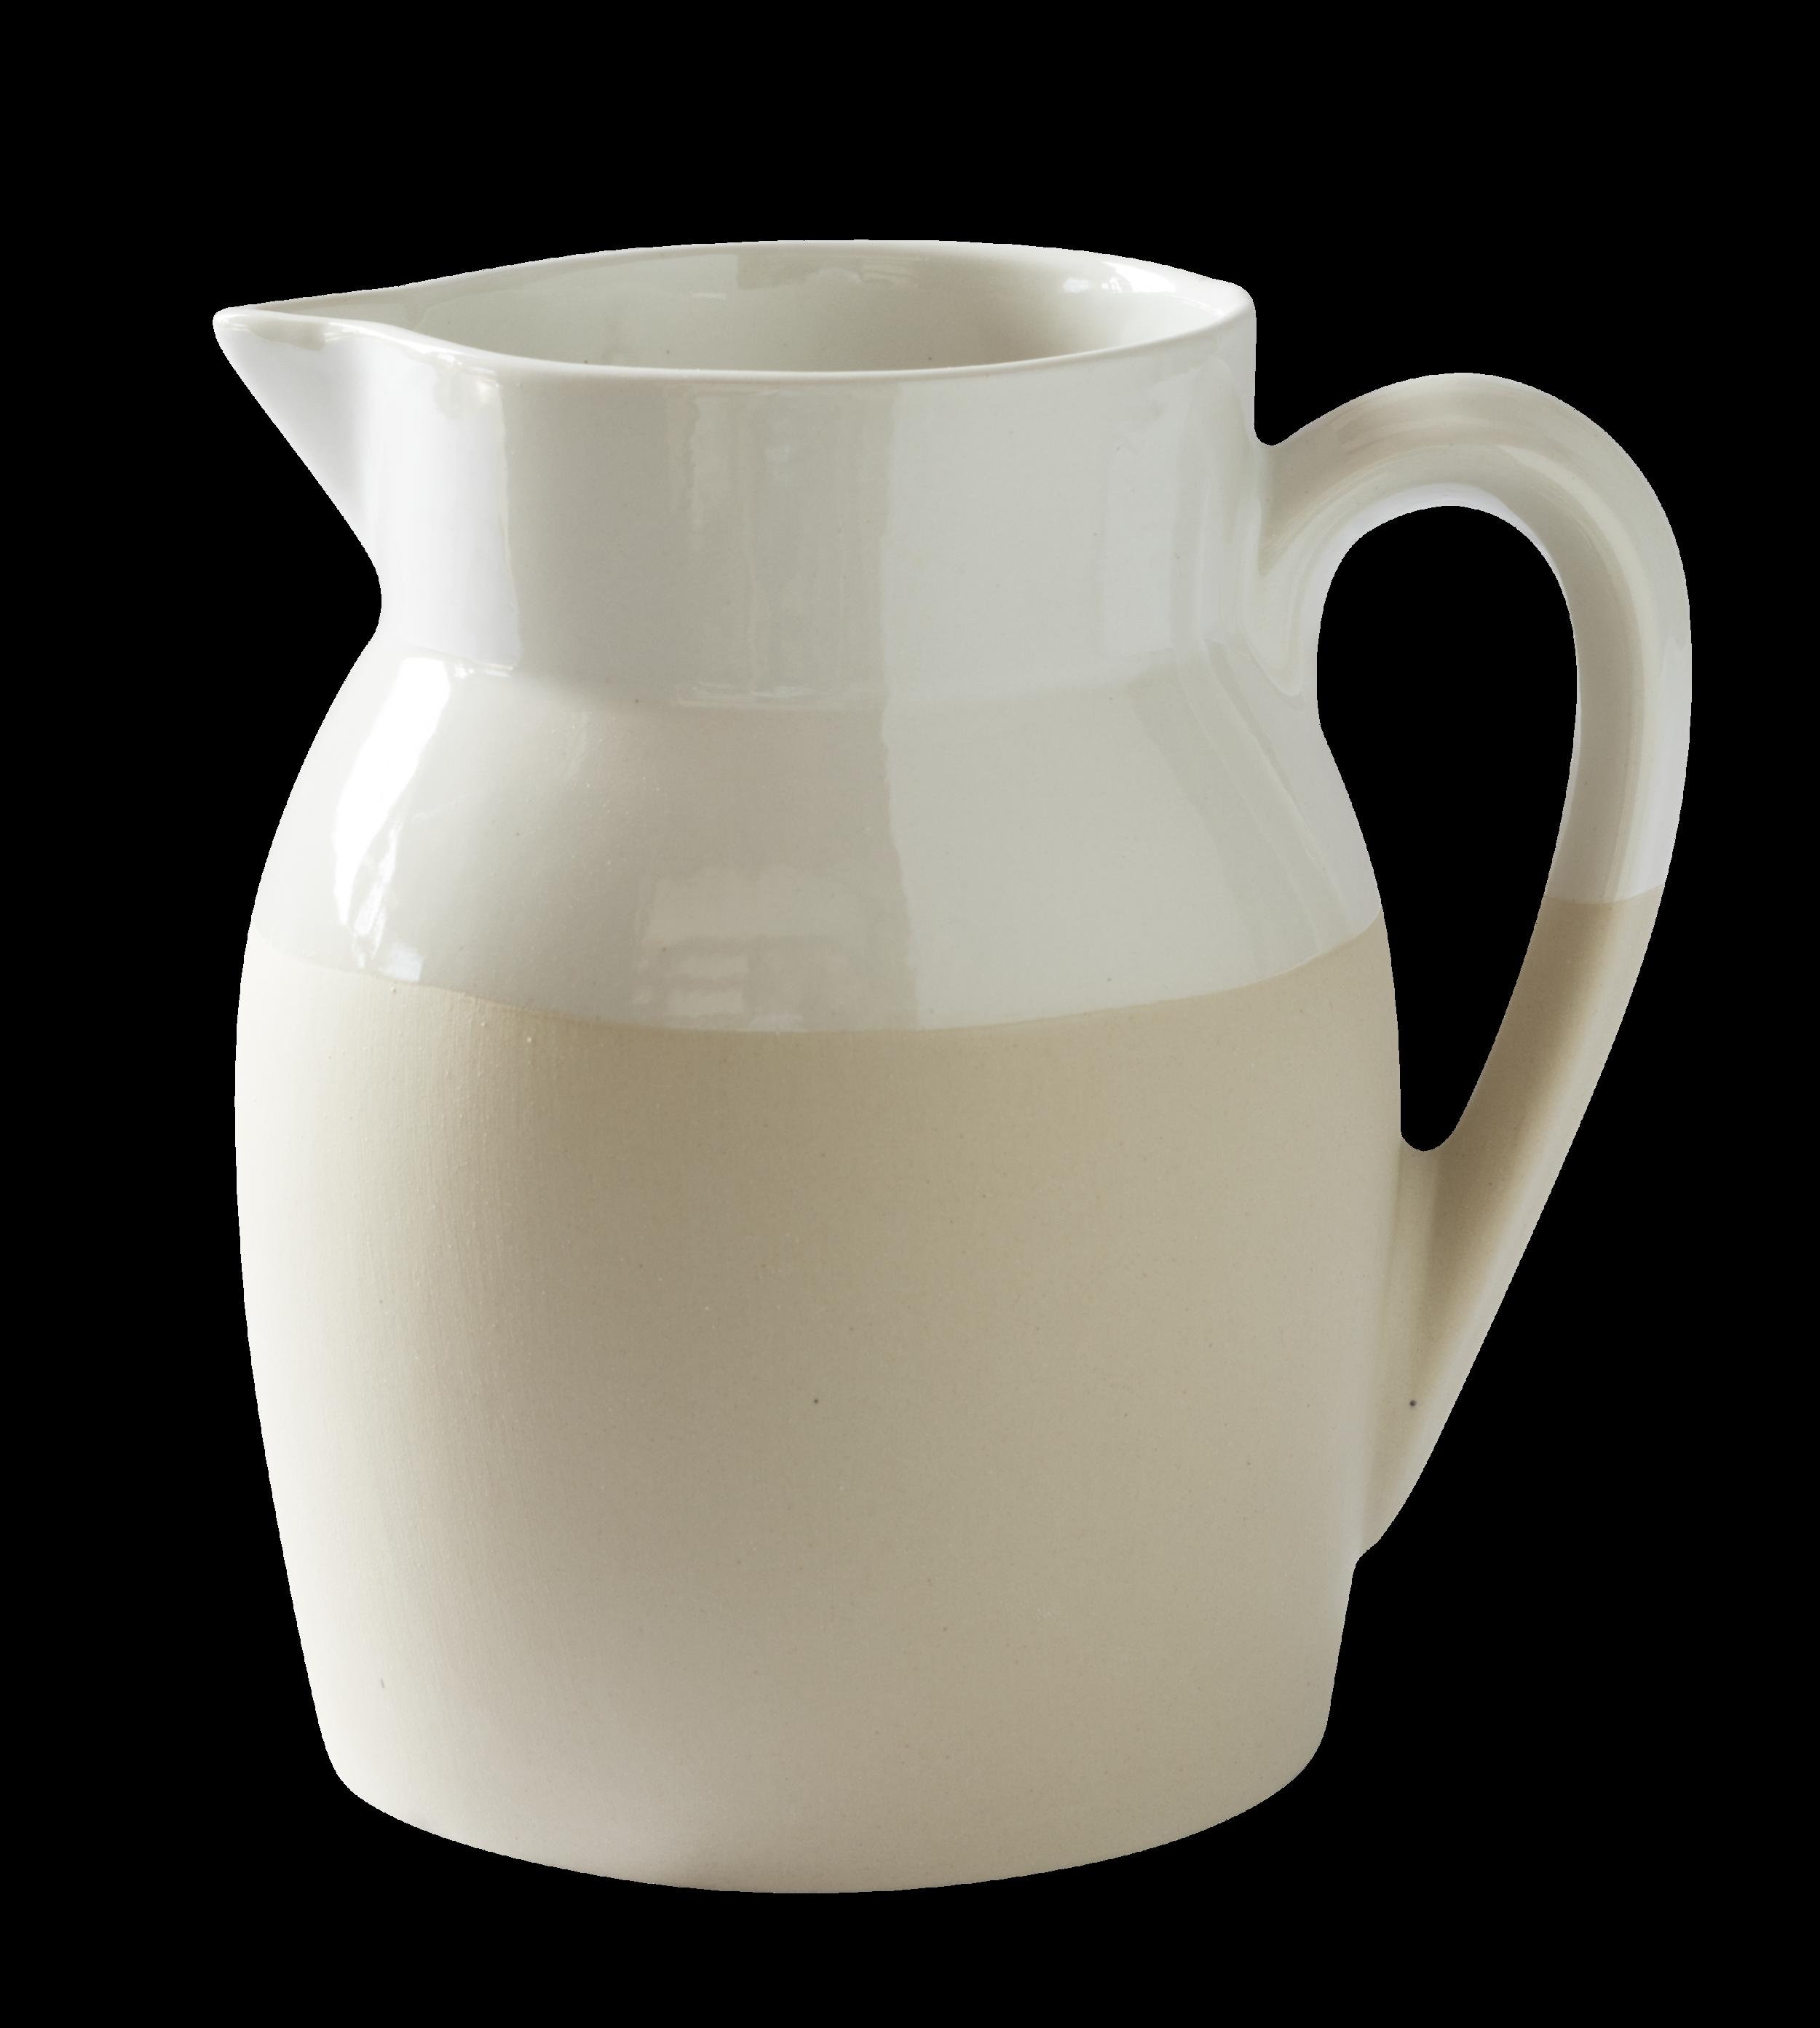 Pichet d'eau - Blanc